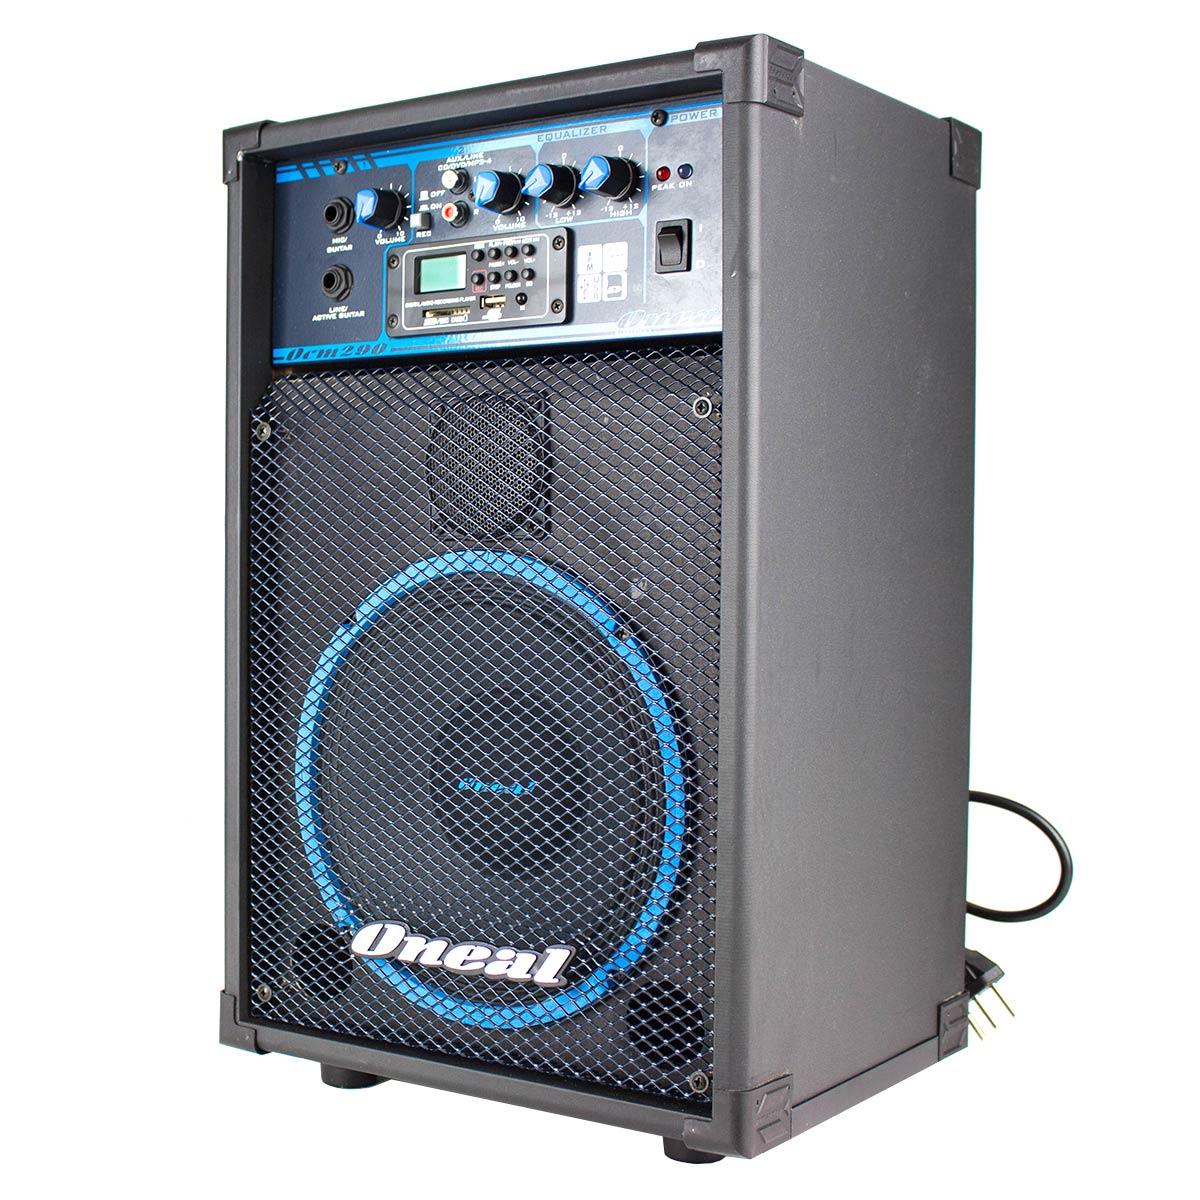 Cubo Multiuso Ativo Fal 8 Pol 50W c/ USB - OCM 290 Oneal